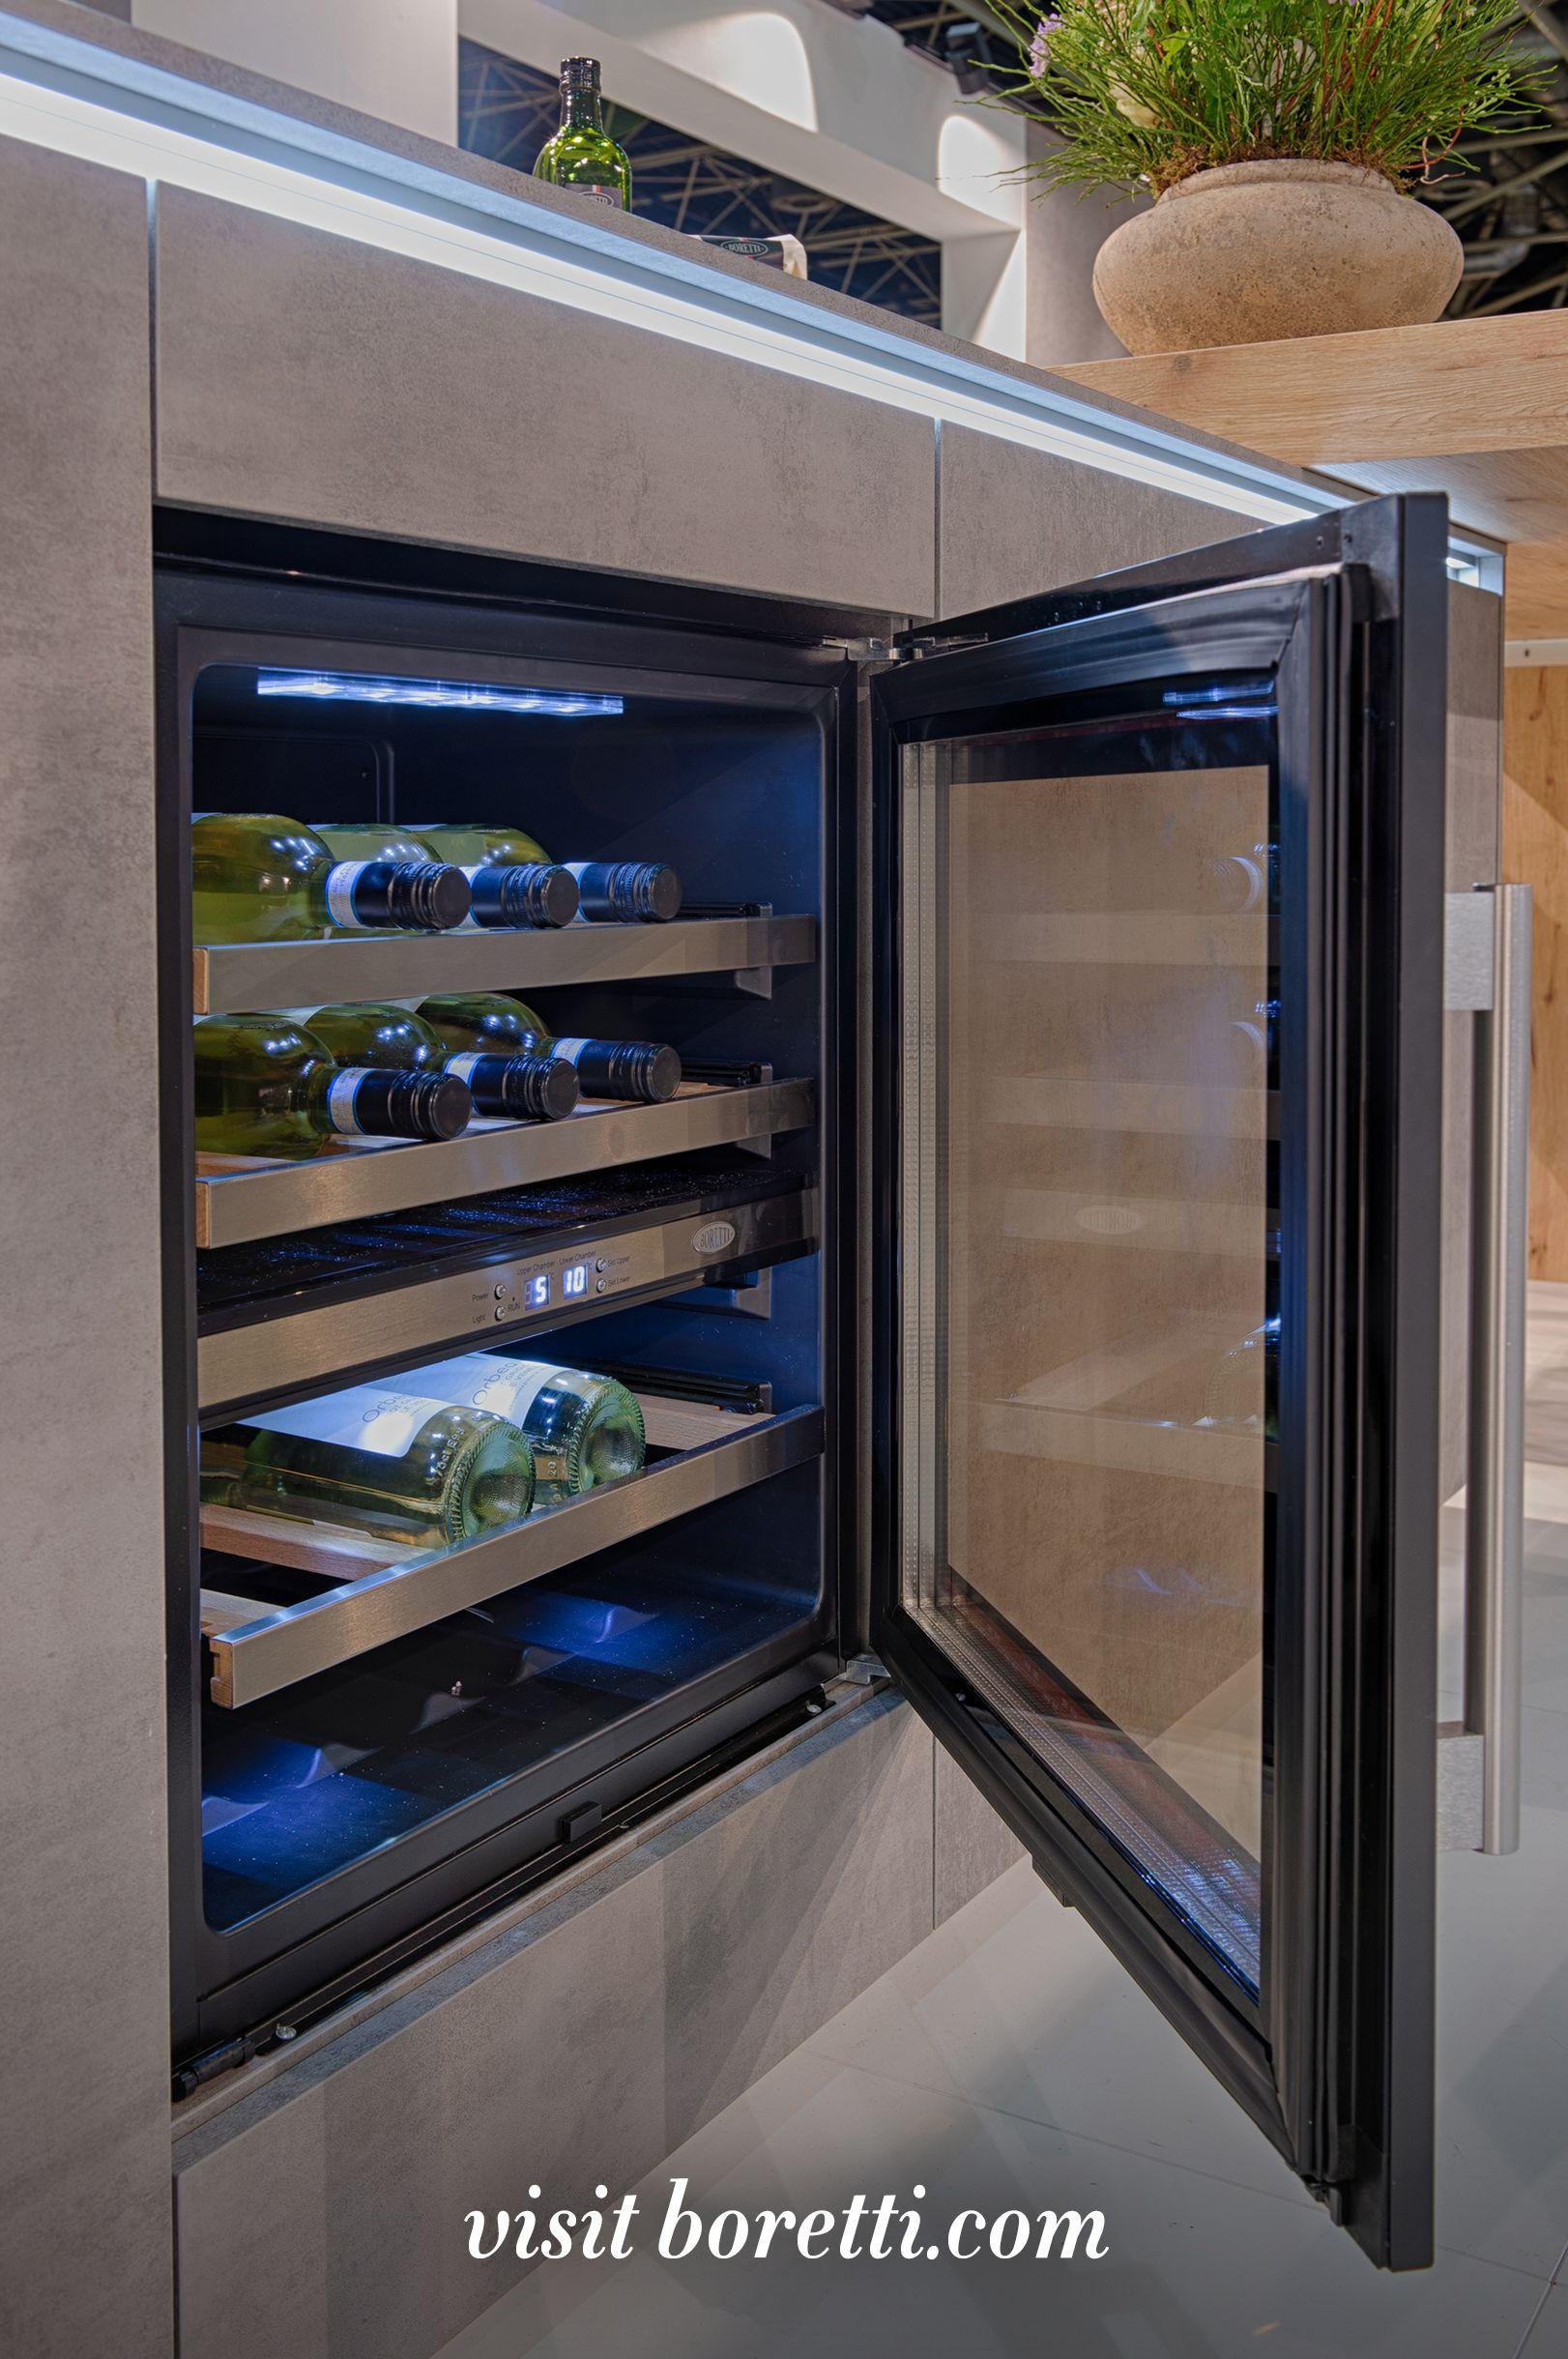 Boretti Wijnklimaatkast 60cm Keukens Renovaties Luxe